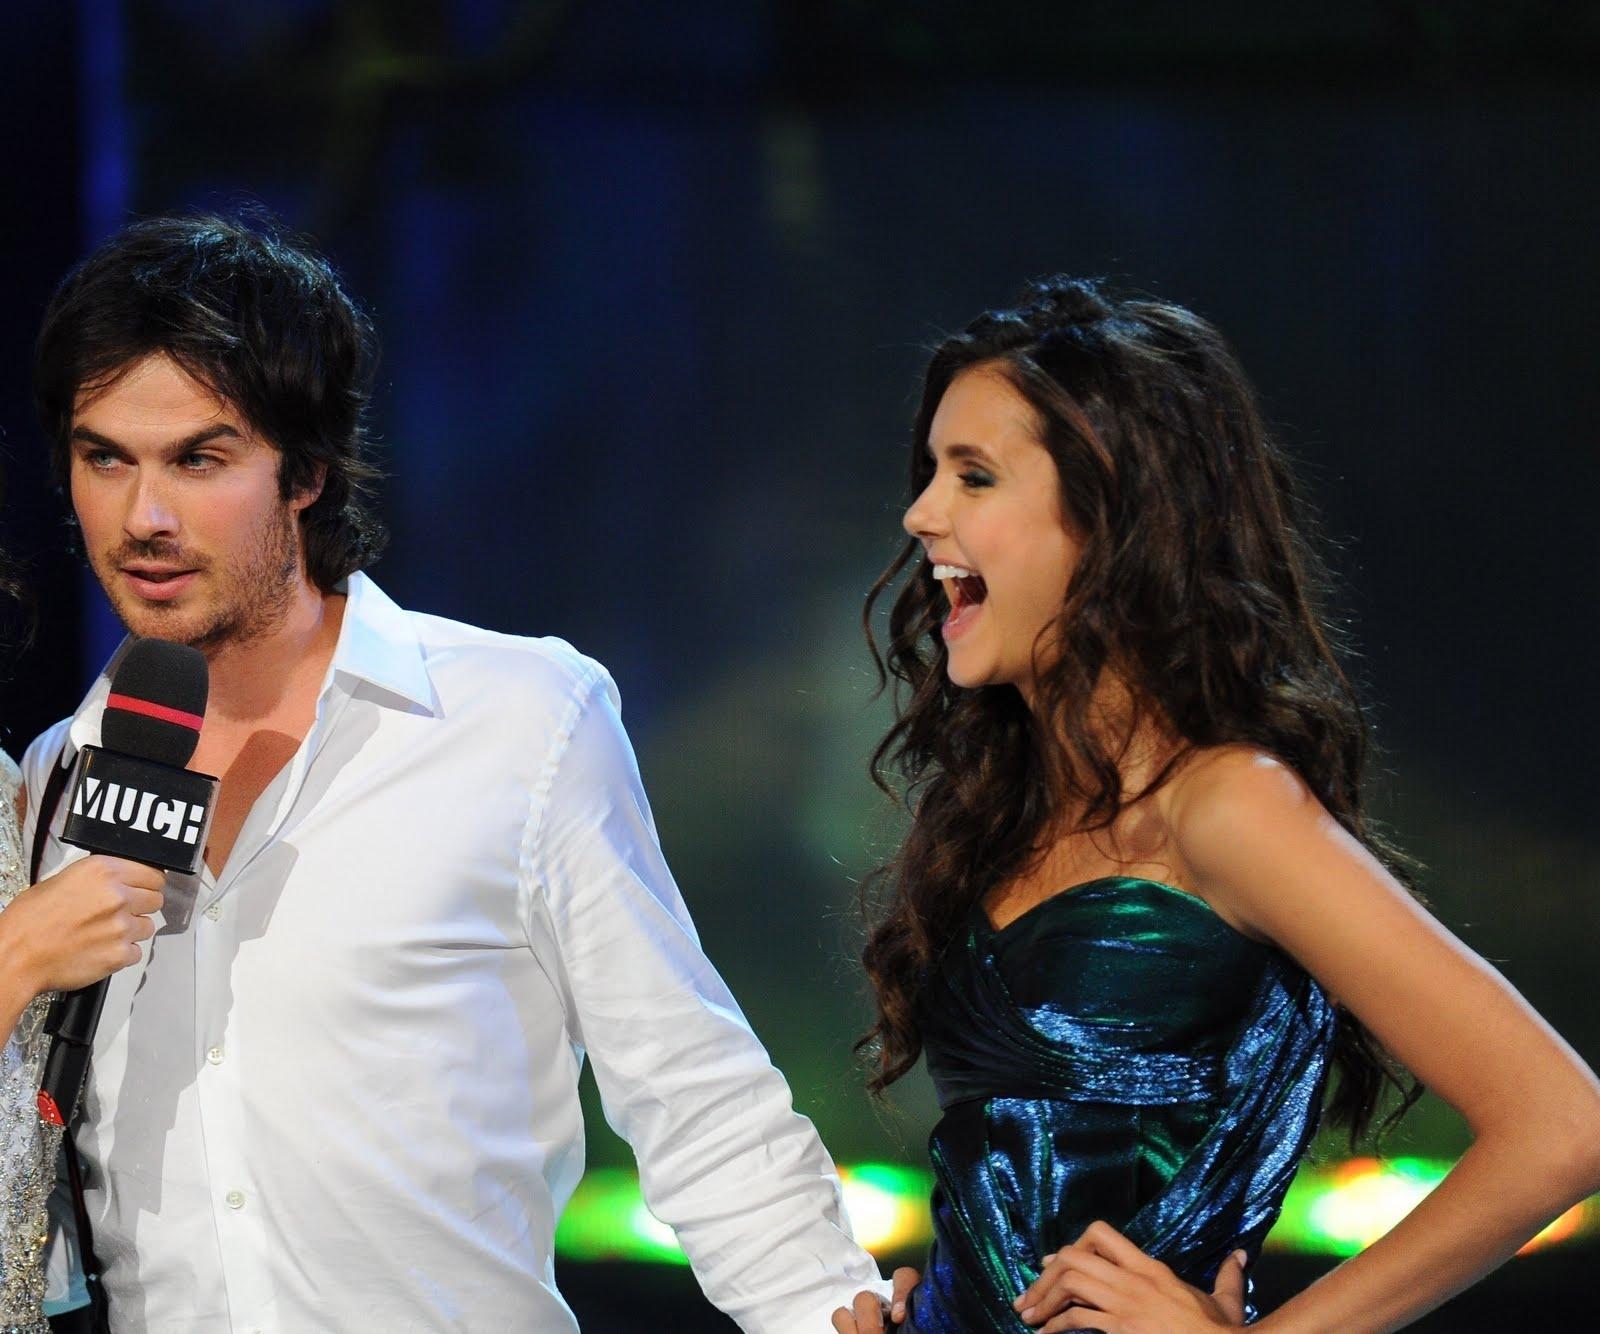 http://2.bp.blogspot.com/-O4WBwdYp2dQ/Tf8oaMmH79I/AAAAAAAAB5Q/WN9wCBb6Y_U/s1600/Nina-Ian-2011-MuchMusic-Video-Awards-nina-dobrev-23042245-2255-1880.jpg